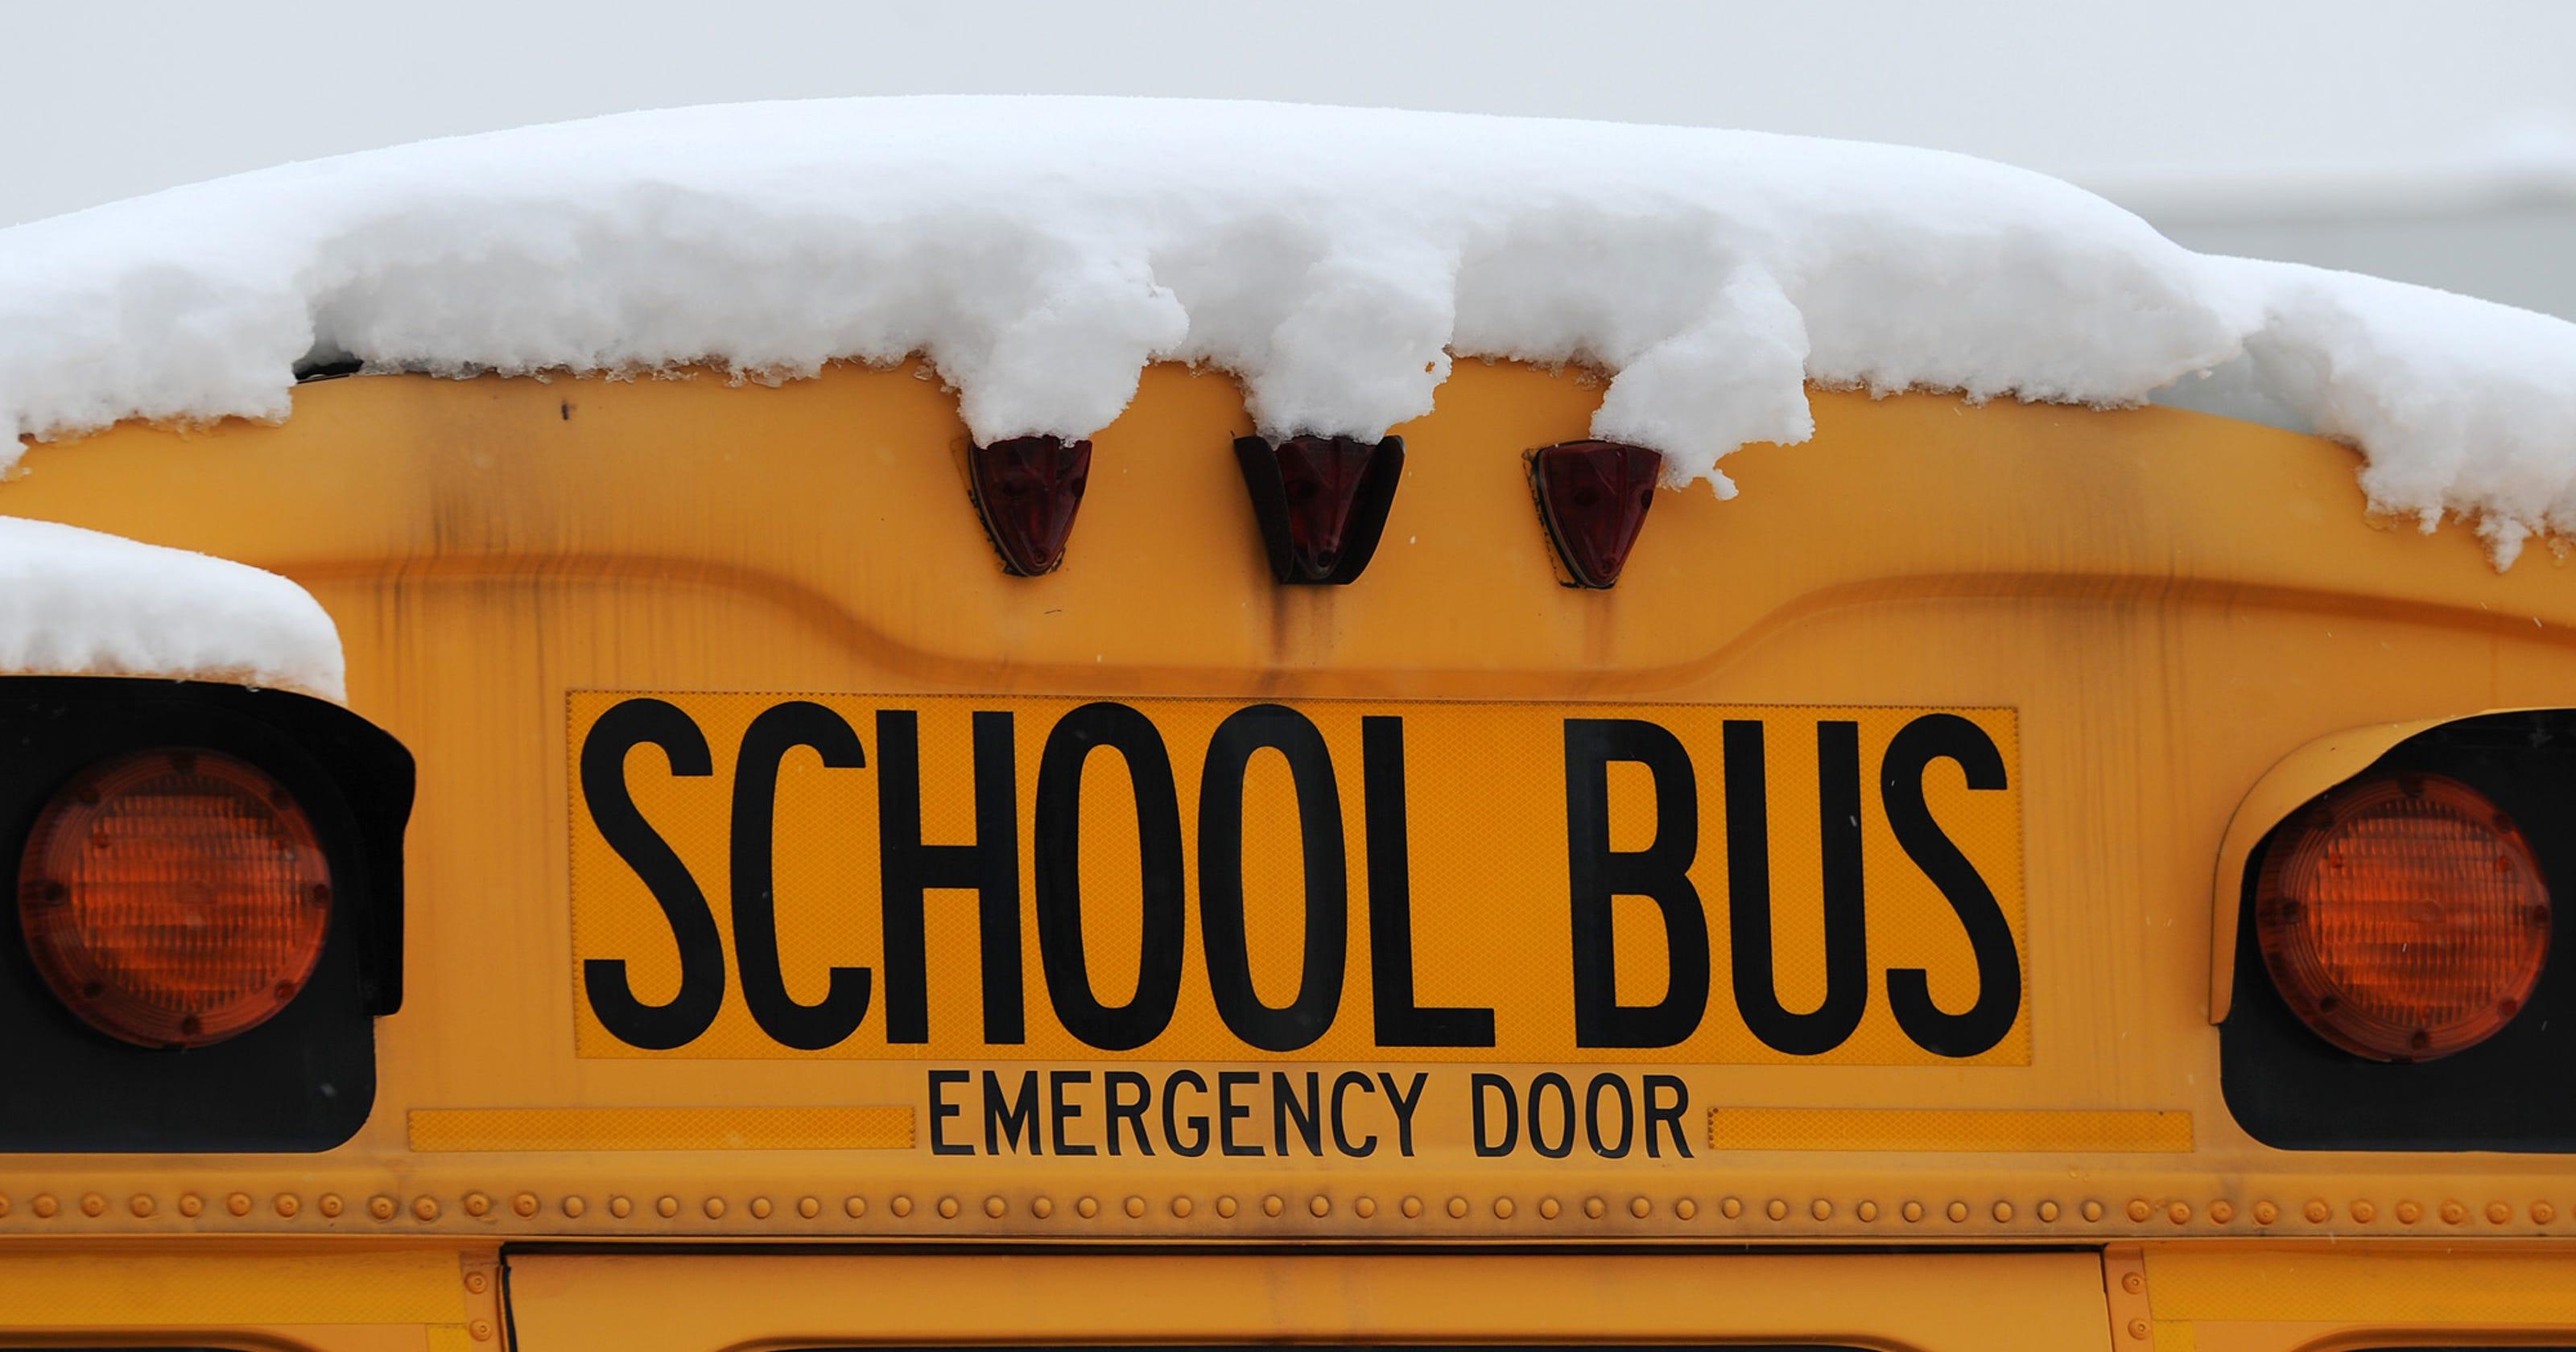 School delays indianapolis